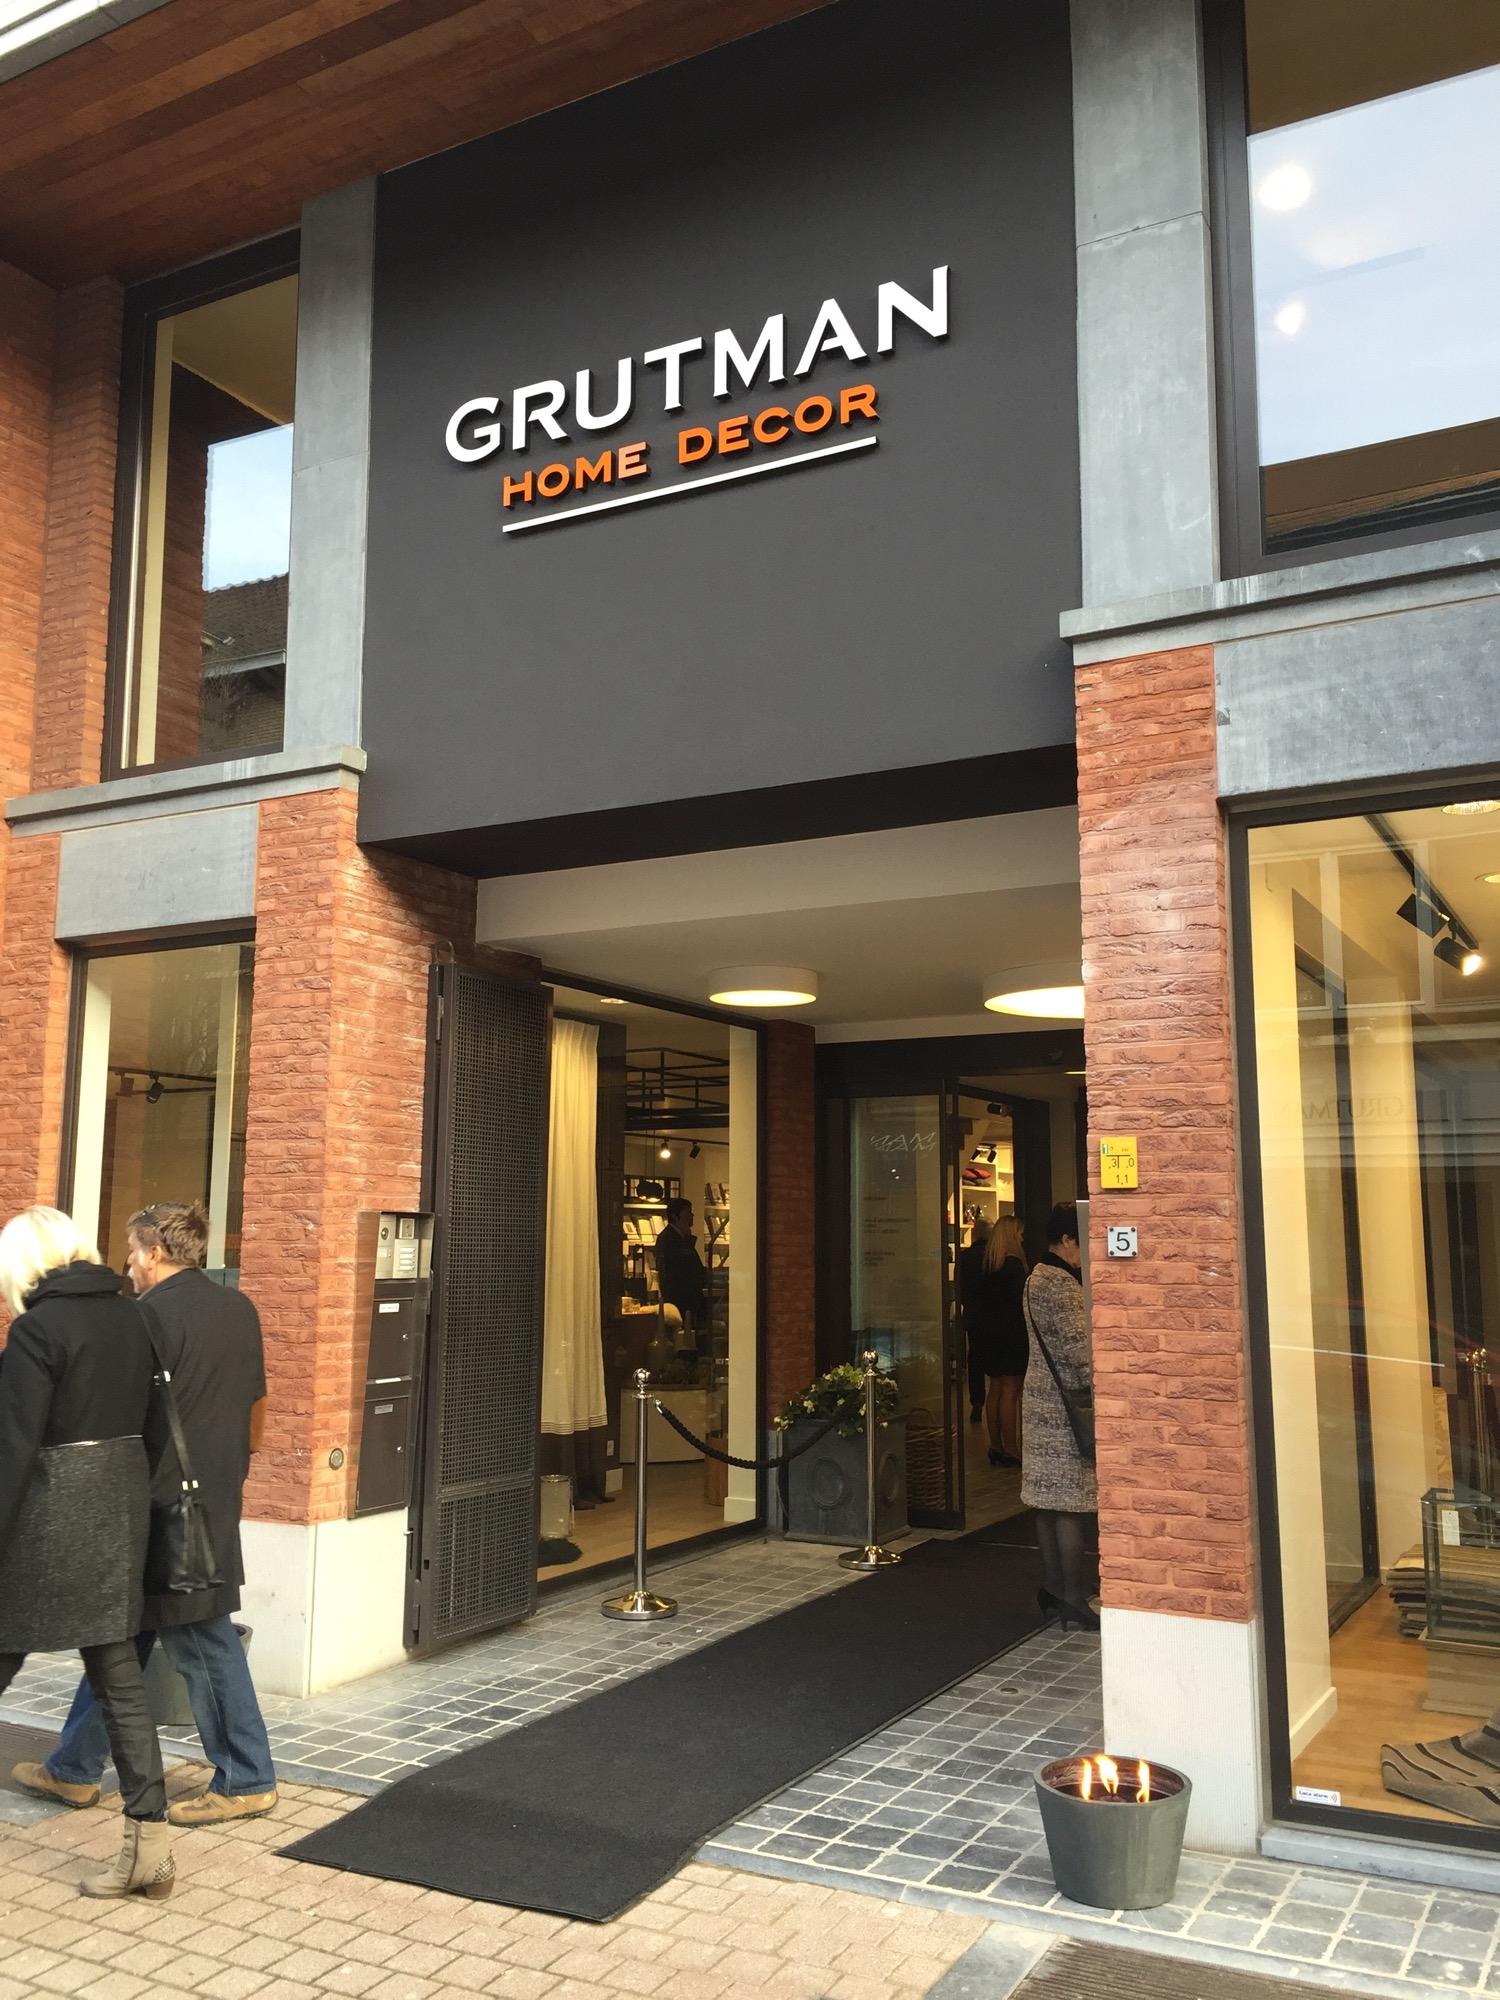 Gevelreclame op het gebouw van Grutman home decor in Hasselt